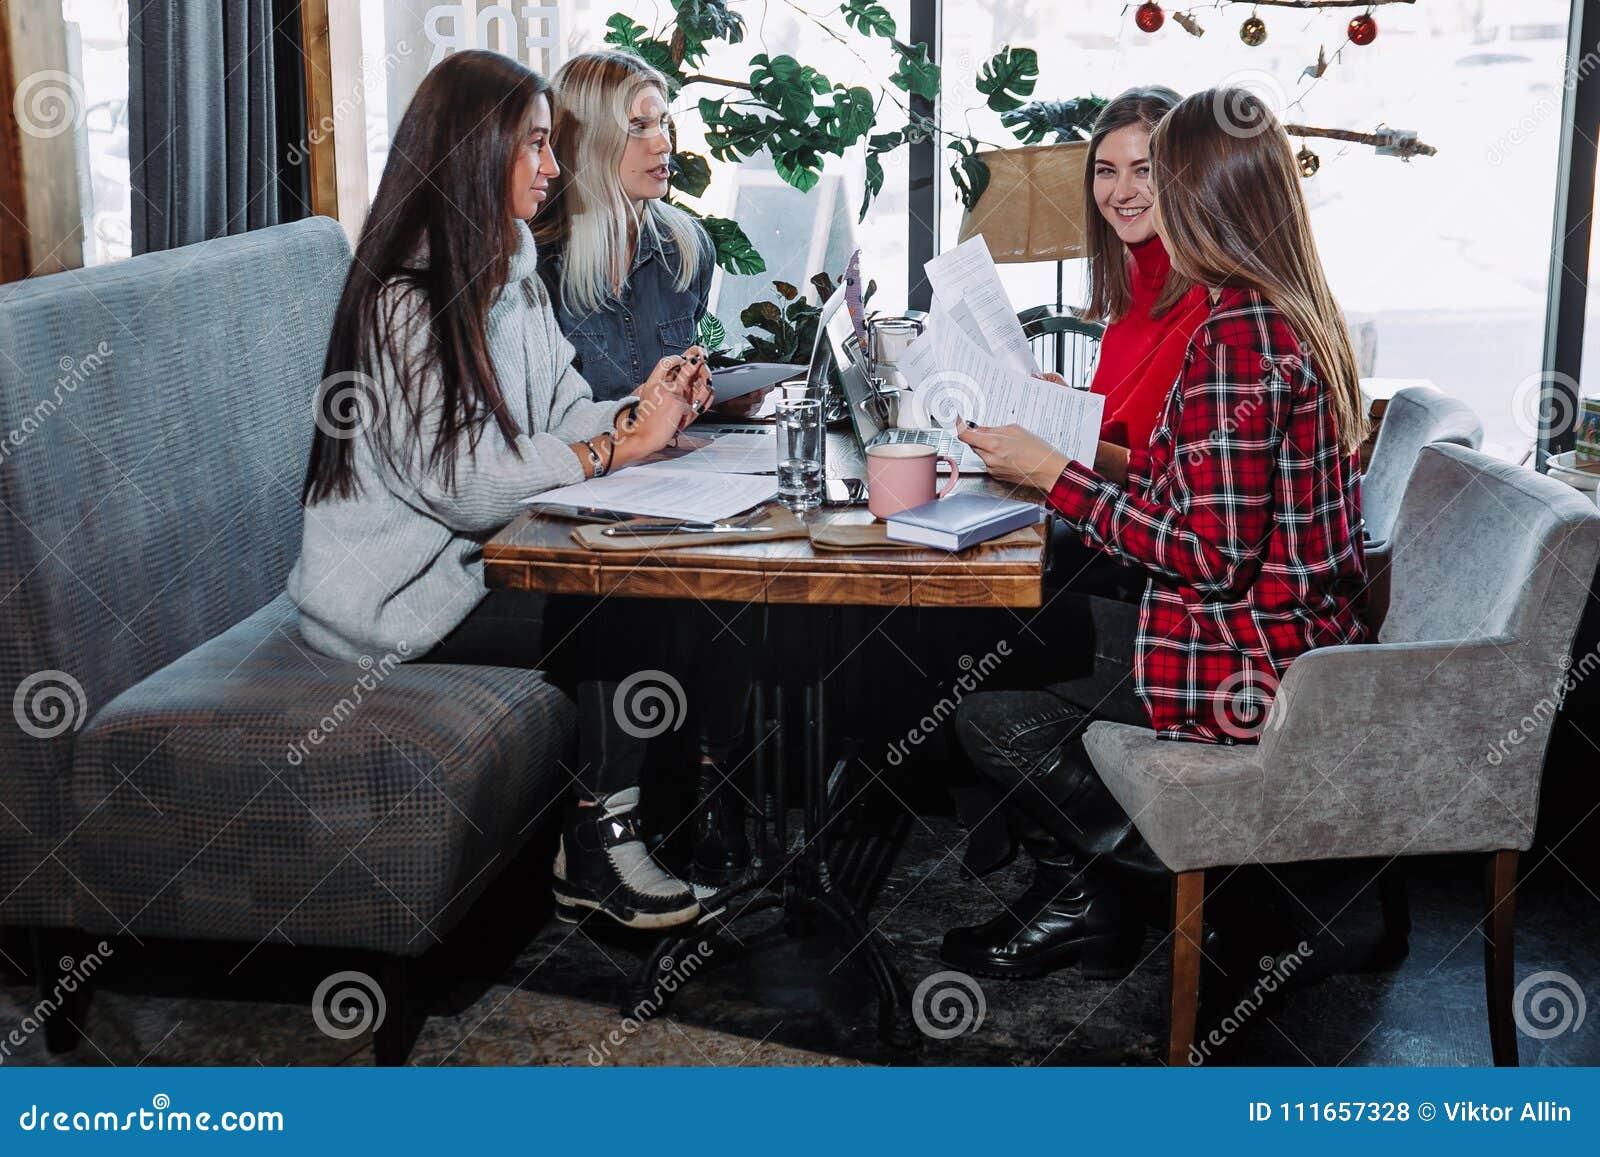 Ομάδα ανθρώπων που εργάζεται στο επιχειρησιακό πρόγραμμα στον καφέ, που κάθεται στον πίνακα με τα φύλλα του εγγράφου και του lap-